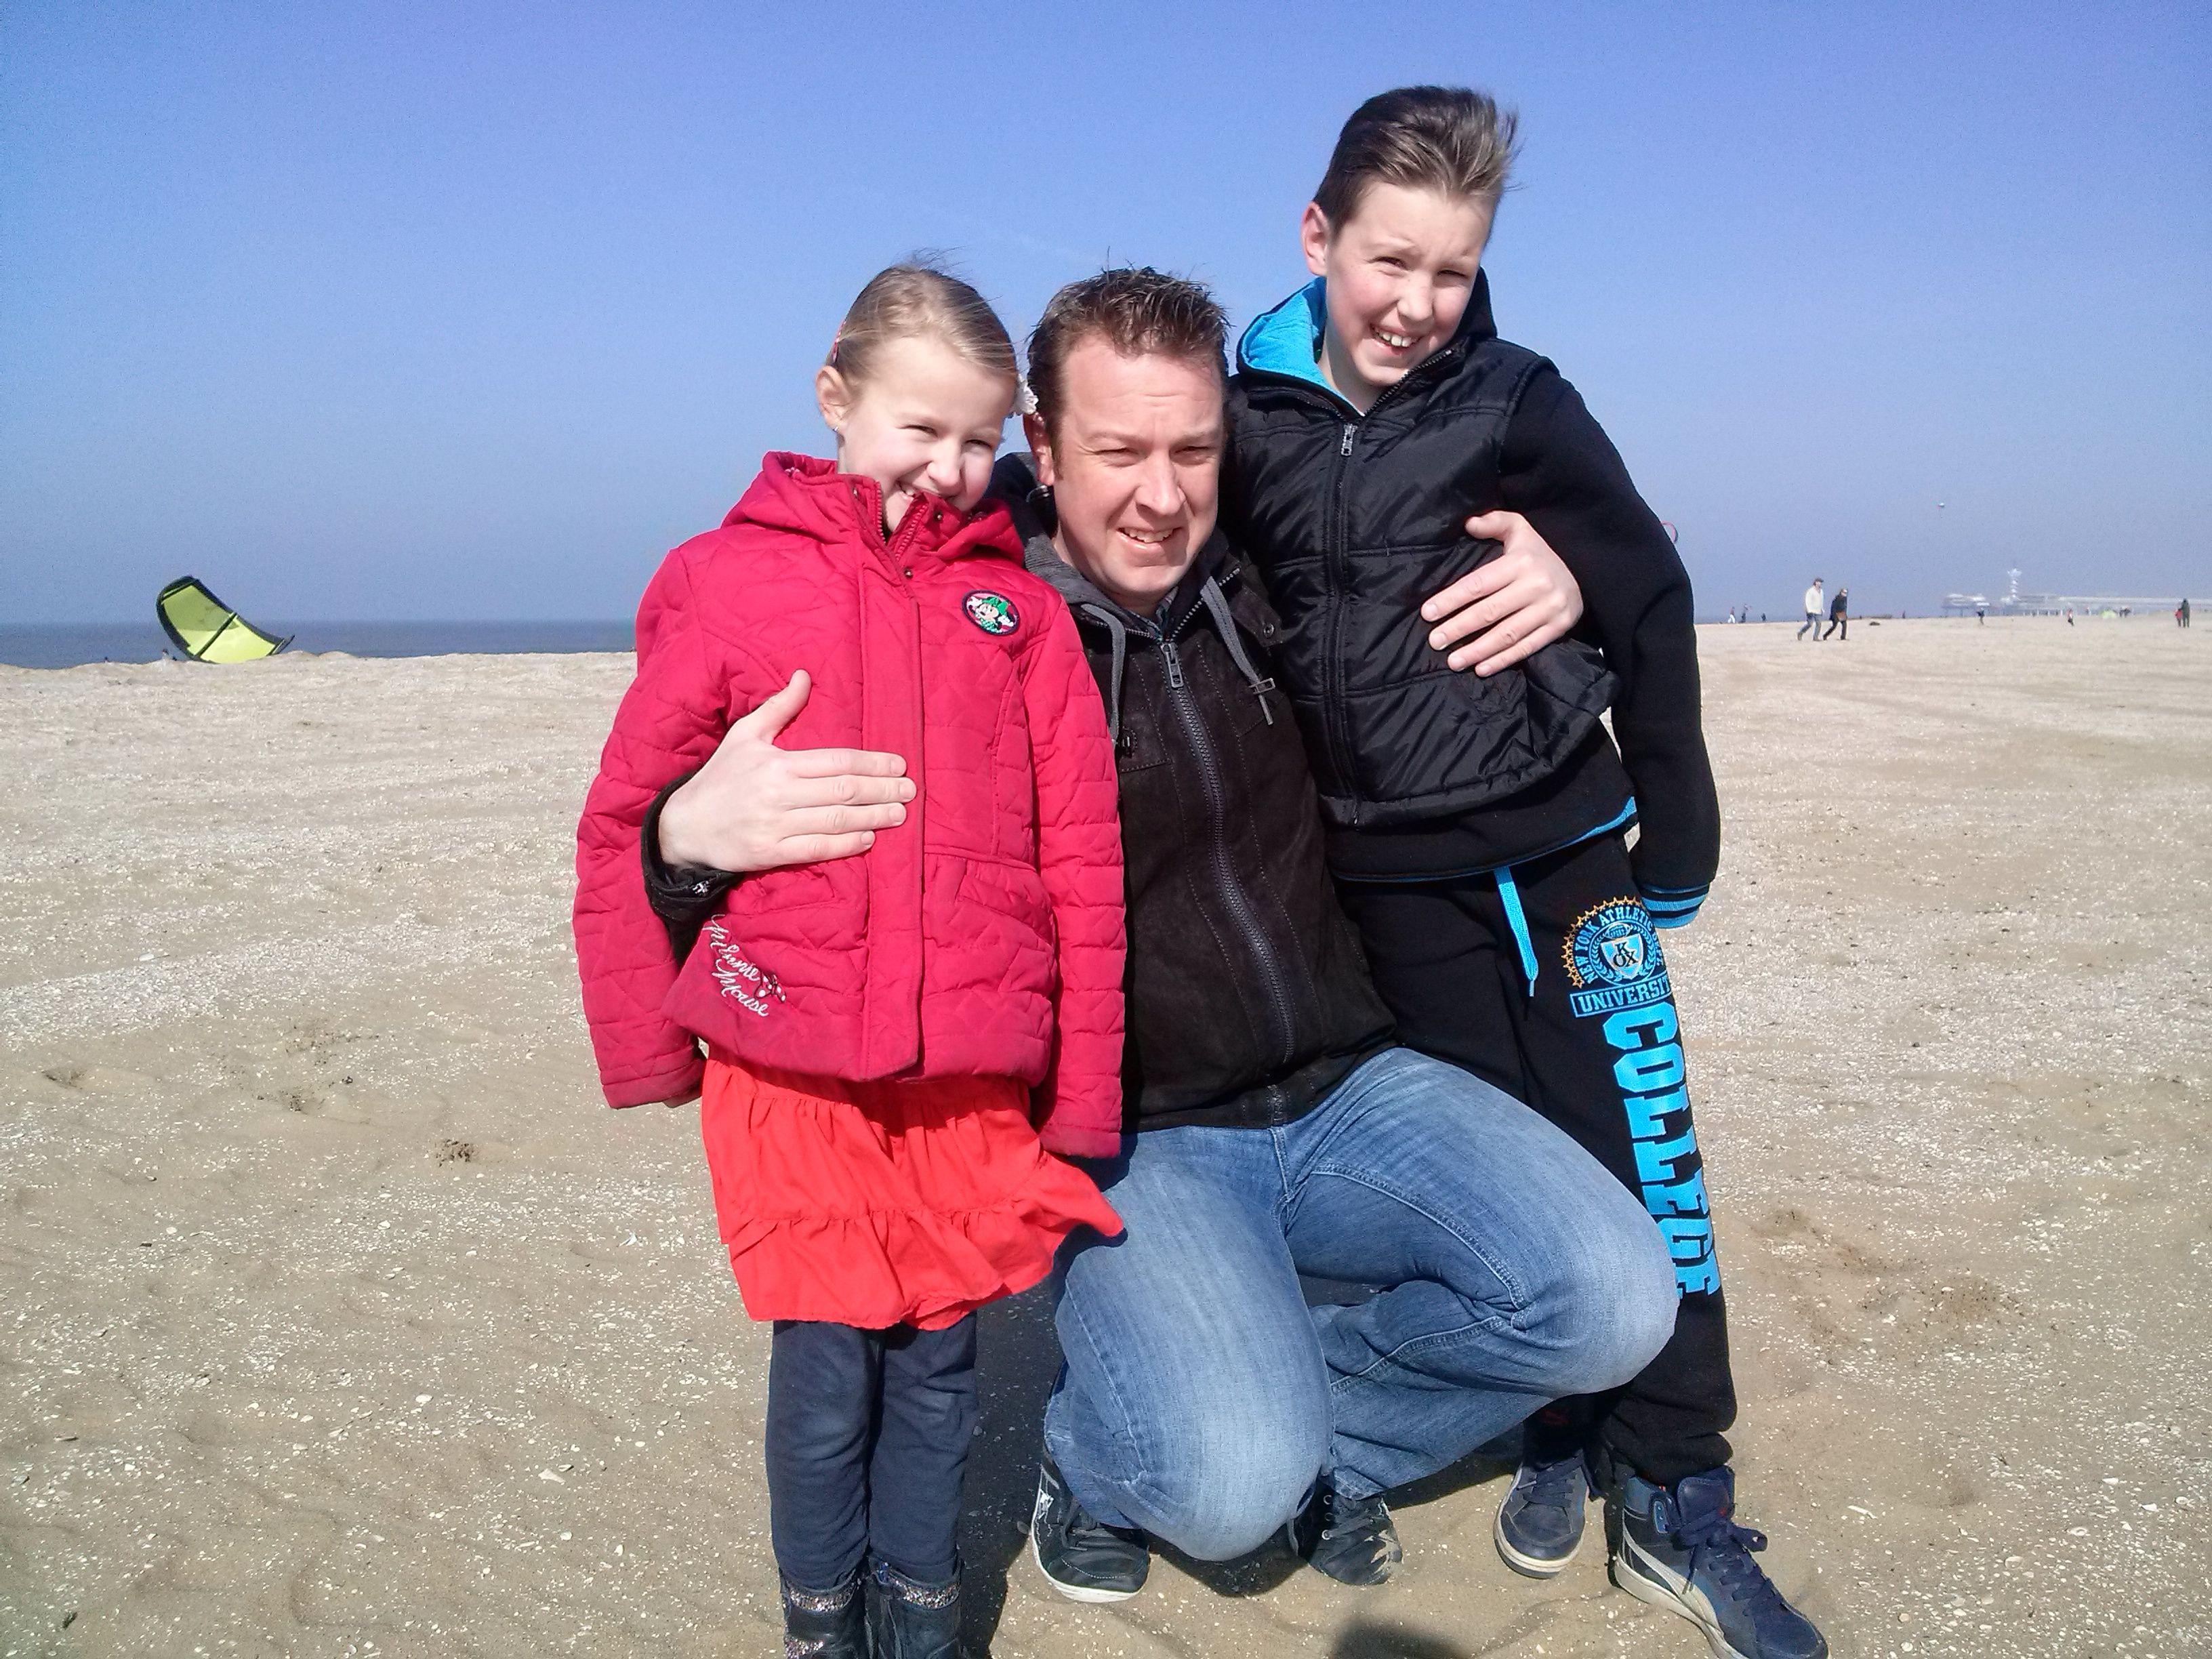 Scheveningen strand. Mijn allesjes. Mijn man Marco, mijn zoon Max en mijn dochter Jane. 08-03-2015. Mijn eigen foto.